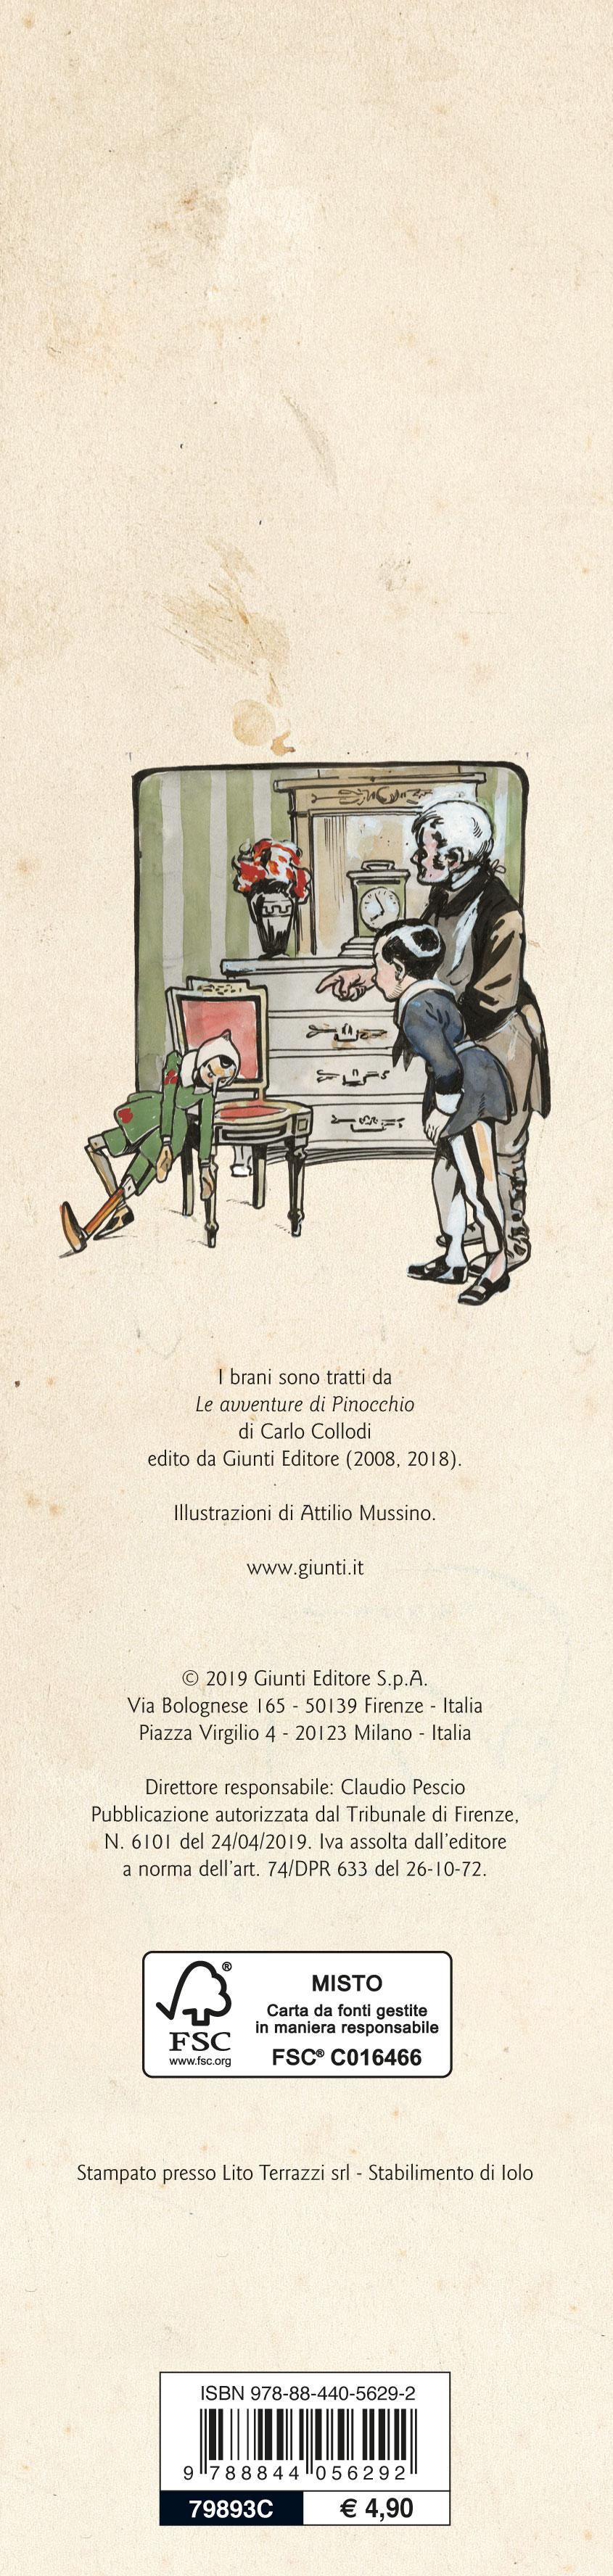 Calendario Iva 2020.Calendario Pinocchio 2020 Giunti